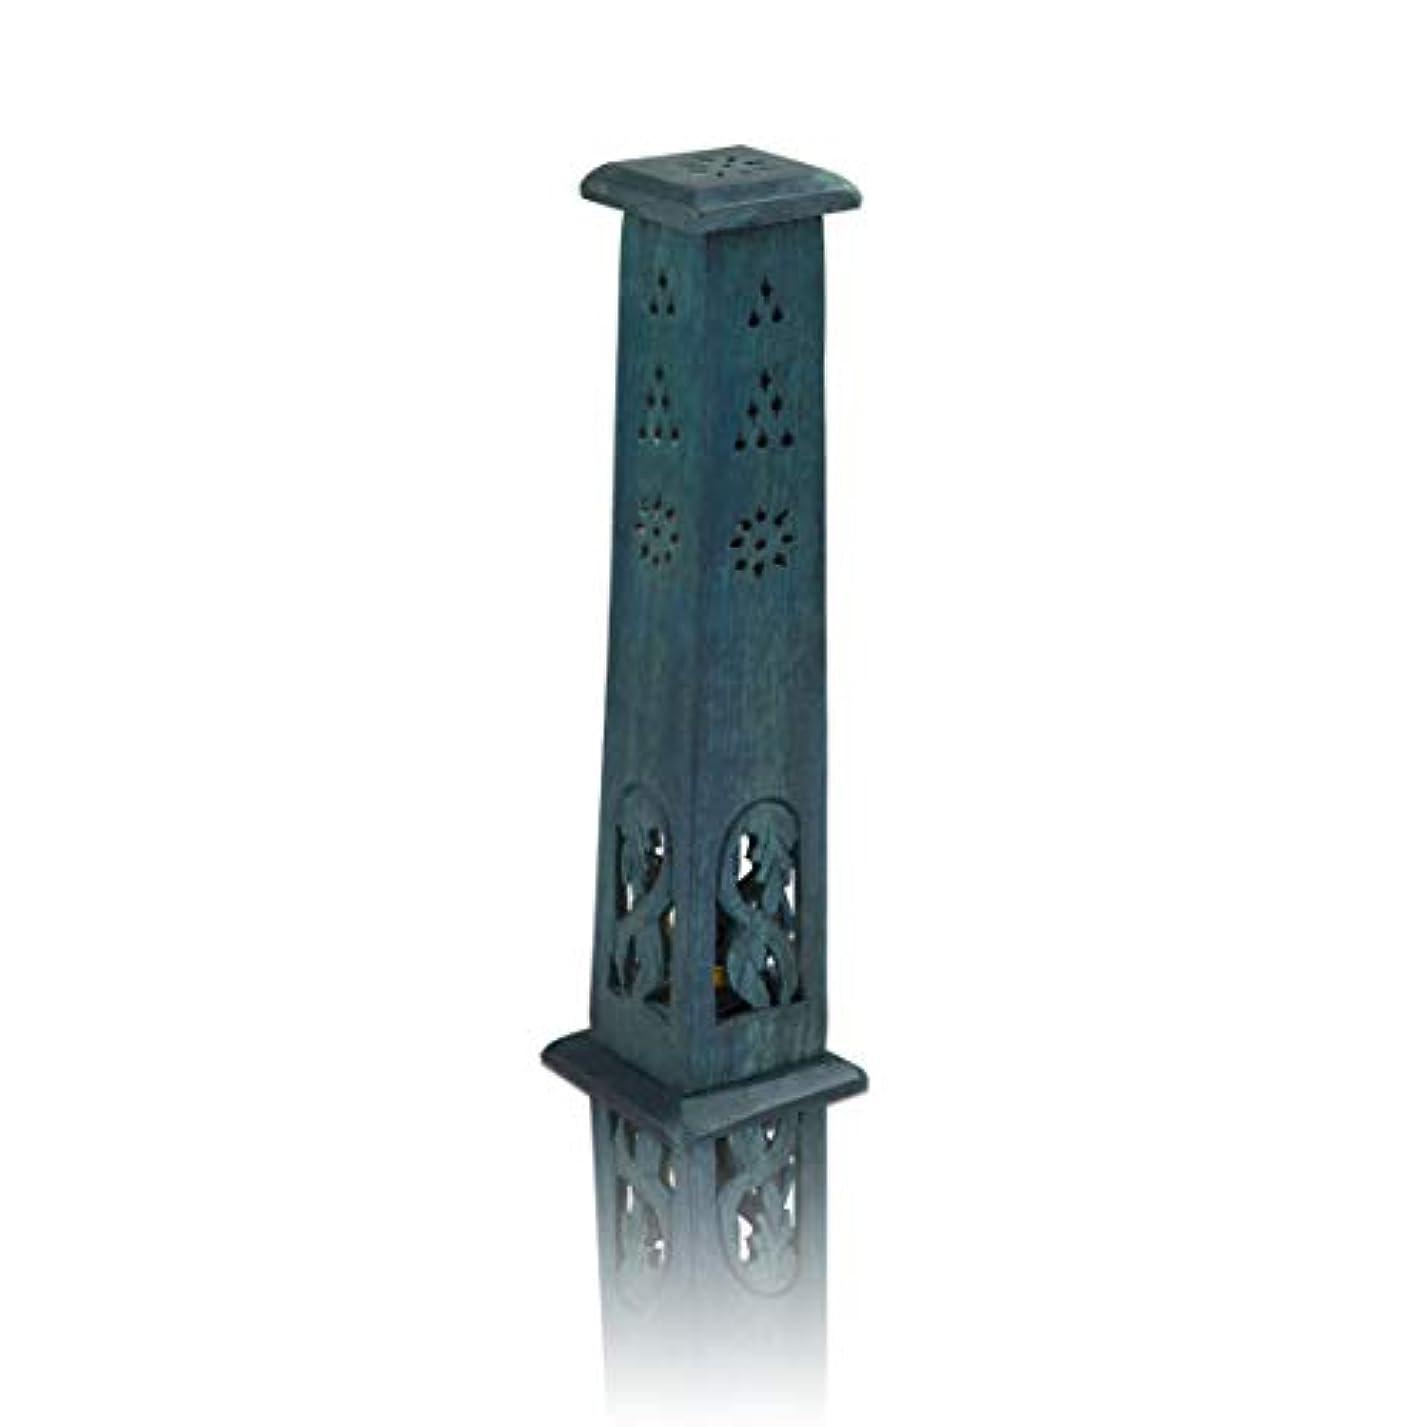 木製お香スティック&コーンバーナーホルダー タワー ラージ オーガニック エコフレンドリー アッシュキャッチャー アガーバティホルダー 素朴なスタイル 手彫り 瞑想 ヨガ アロマセラピー ホームフレグランス製品